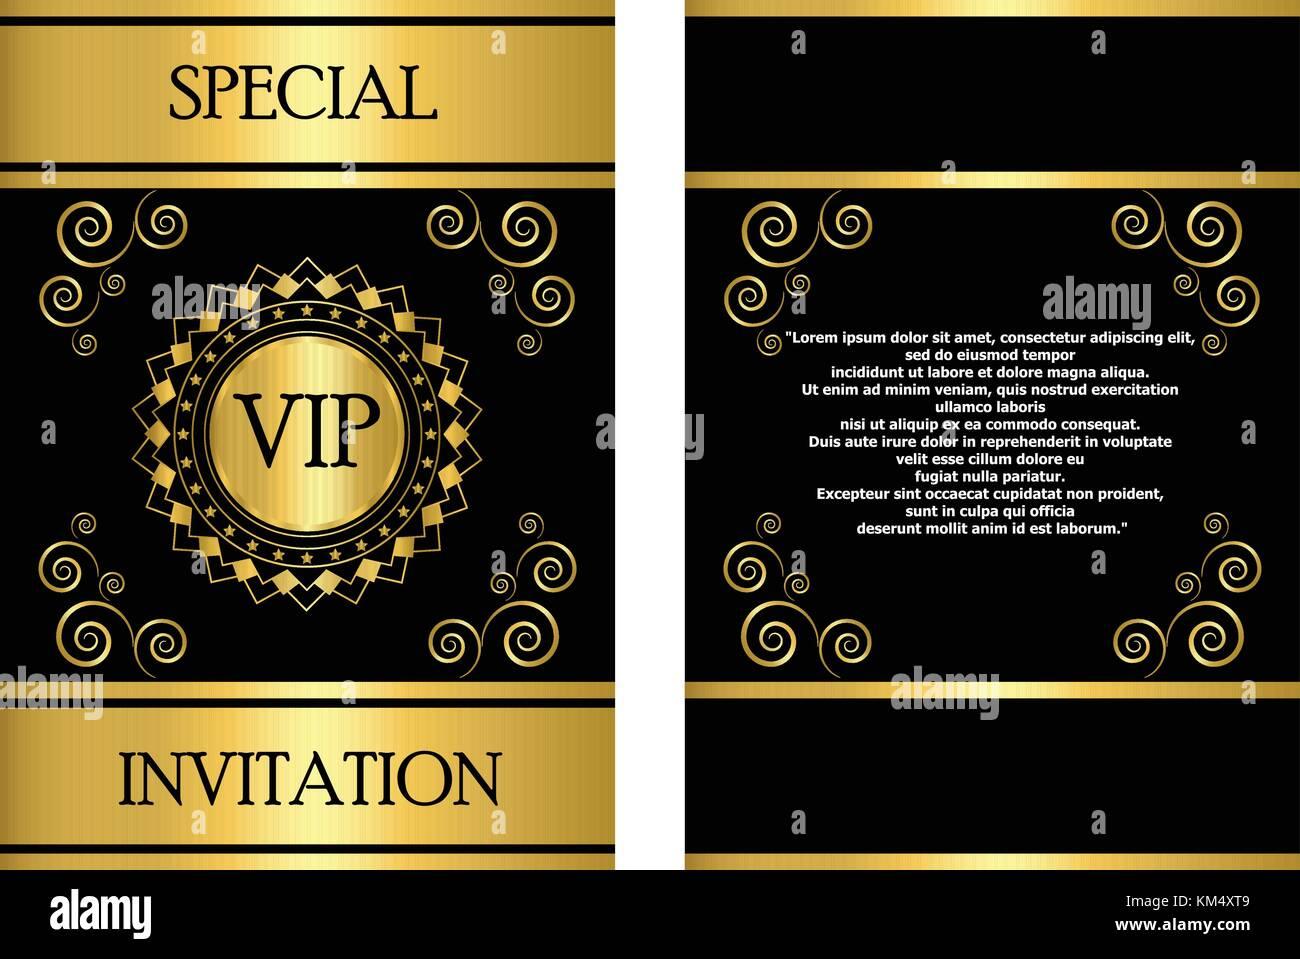 https www alamyimages fr photo image une carte d invitation vip or modele qui peut etre utilise pour les affaires entreprise evenement ou invitation a une fete 167295305 html